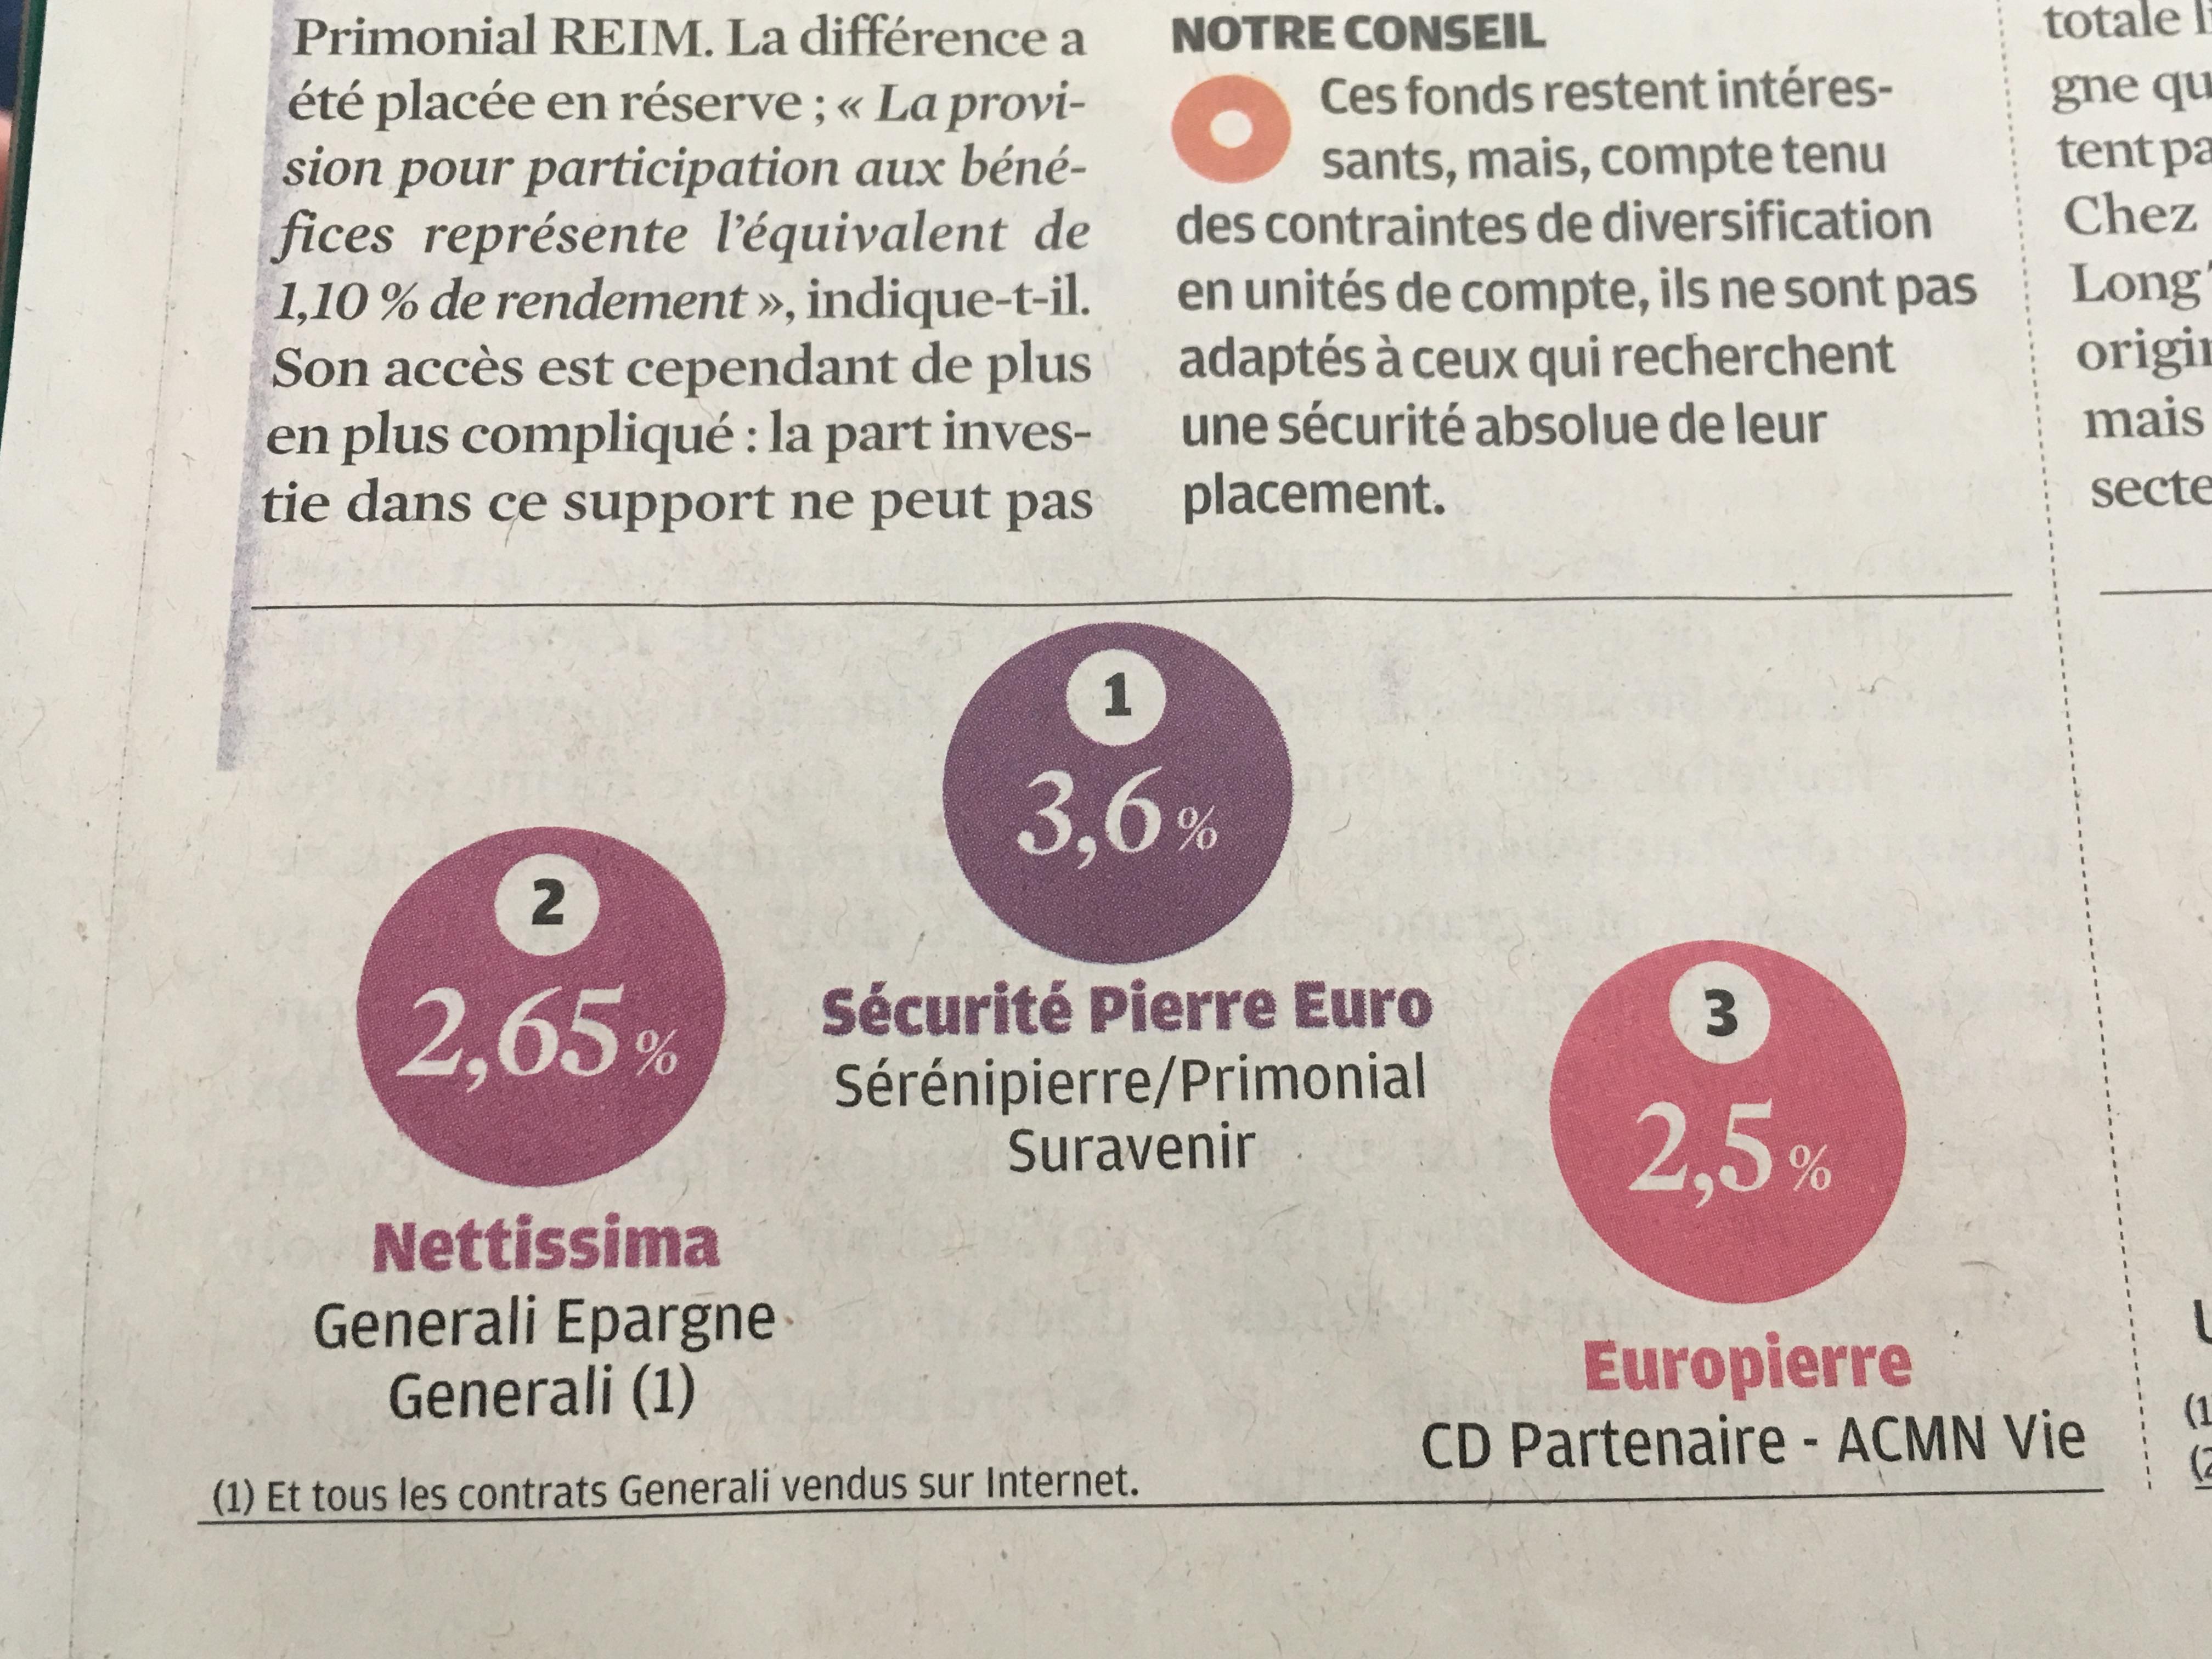 les fonds euros à dominance immobilière